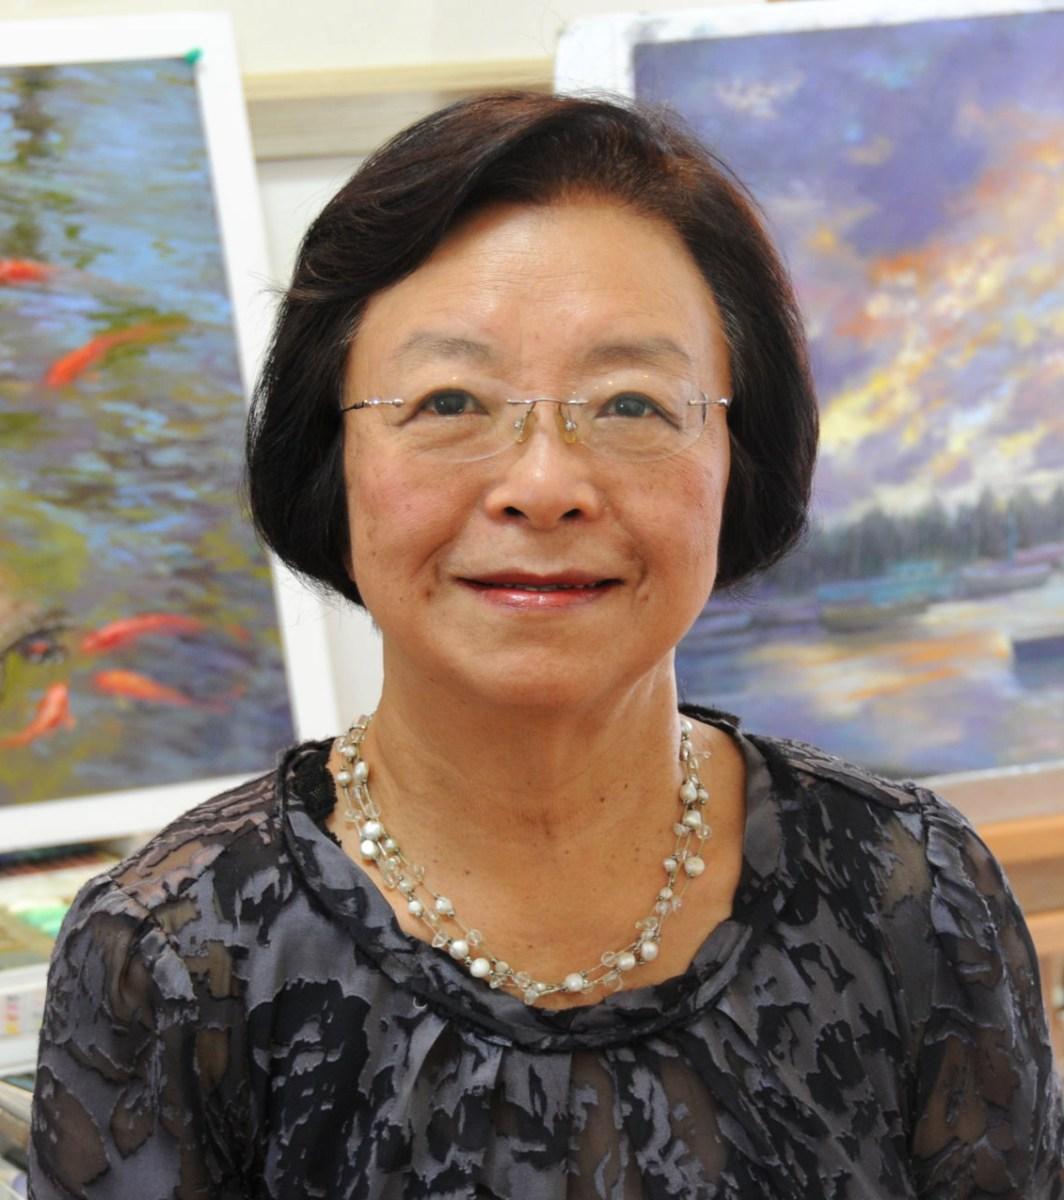 Nancy L. Yang